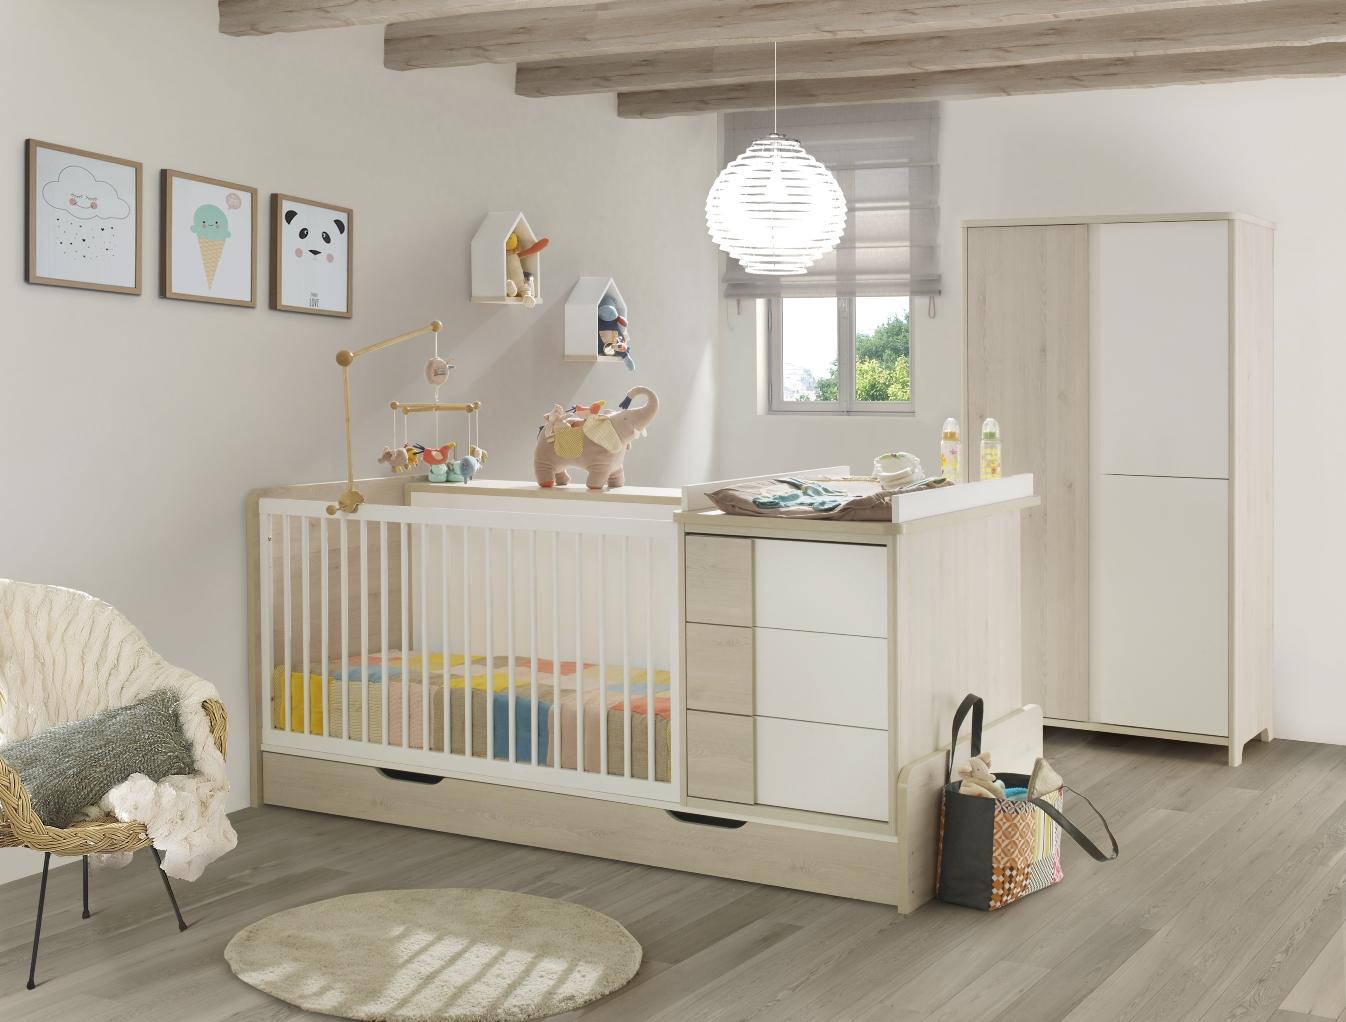 galipette des meubles pour bebe jolis et futes mamanautop. Black Bedroom Furniture Sets. Home Design Ideas